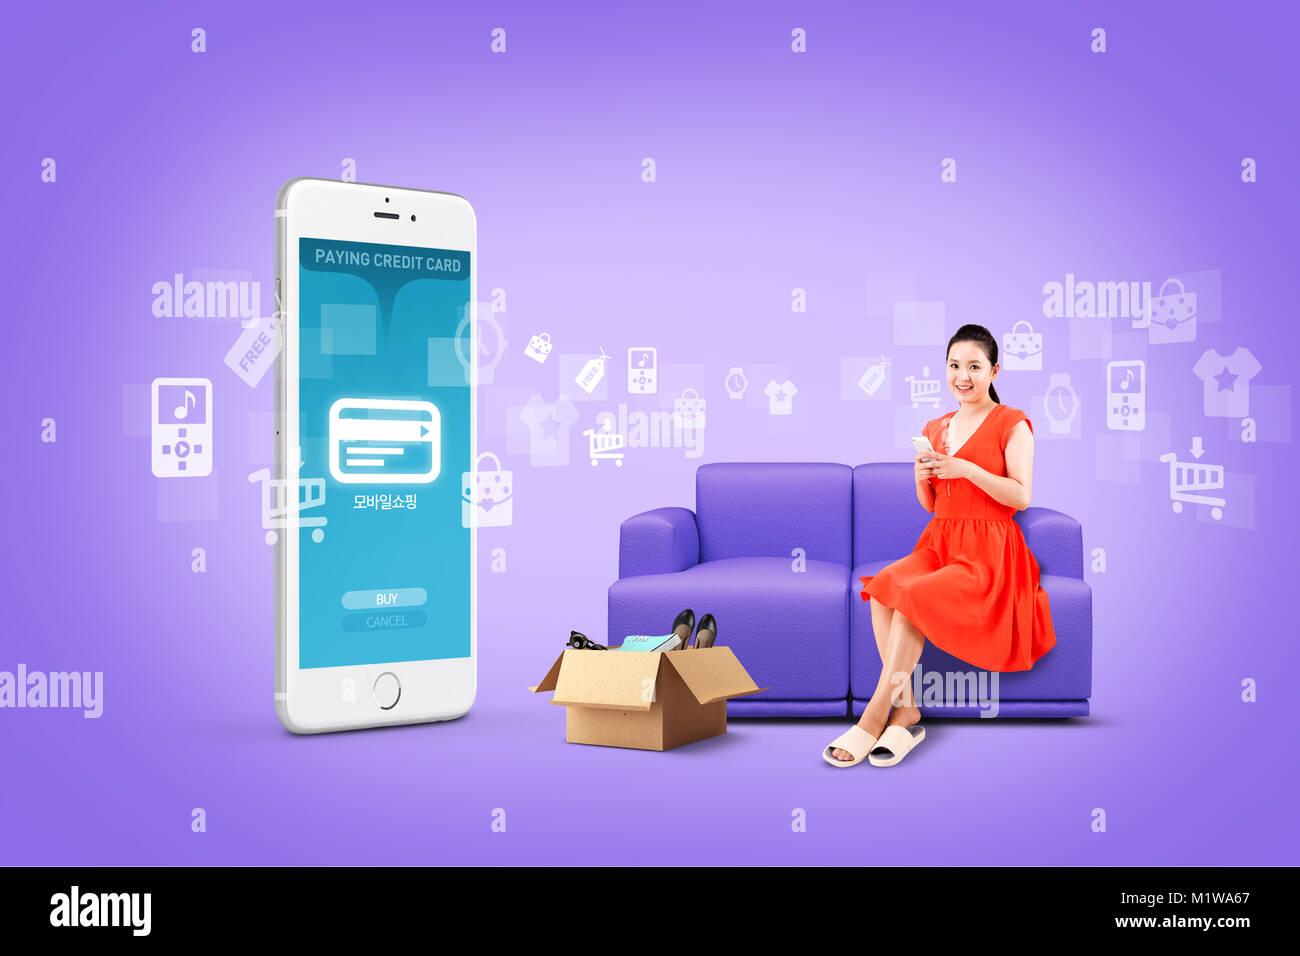 Abbildung - mobile Technologie, eng beziehen sich auf das alltägliche Leben. 004 Stockbild